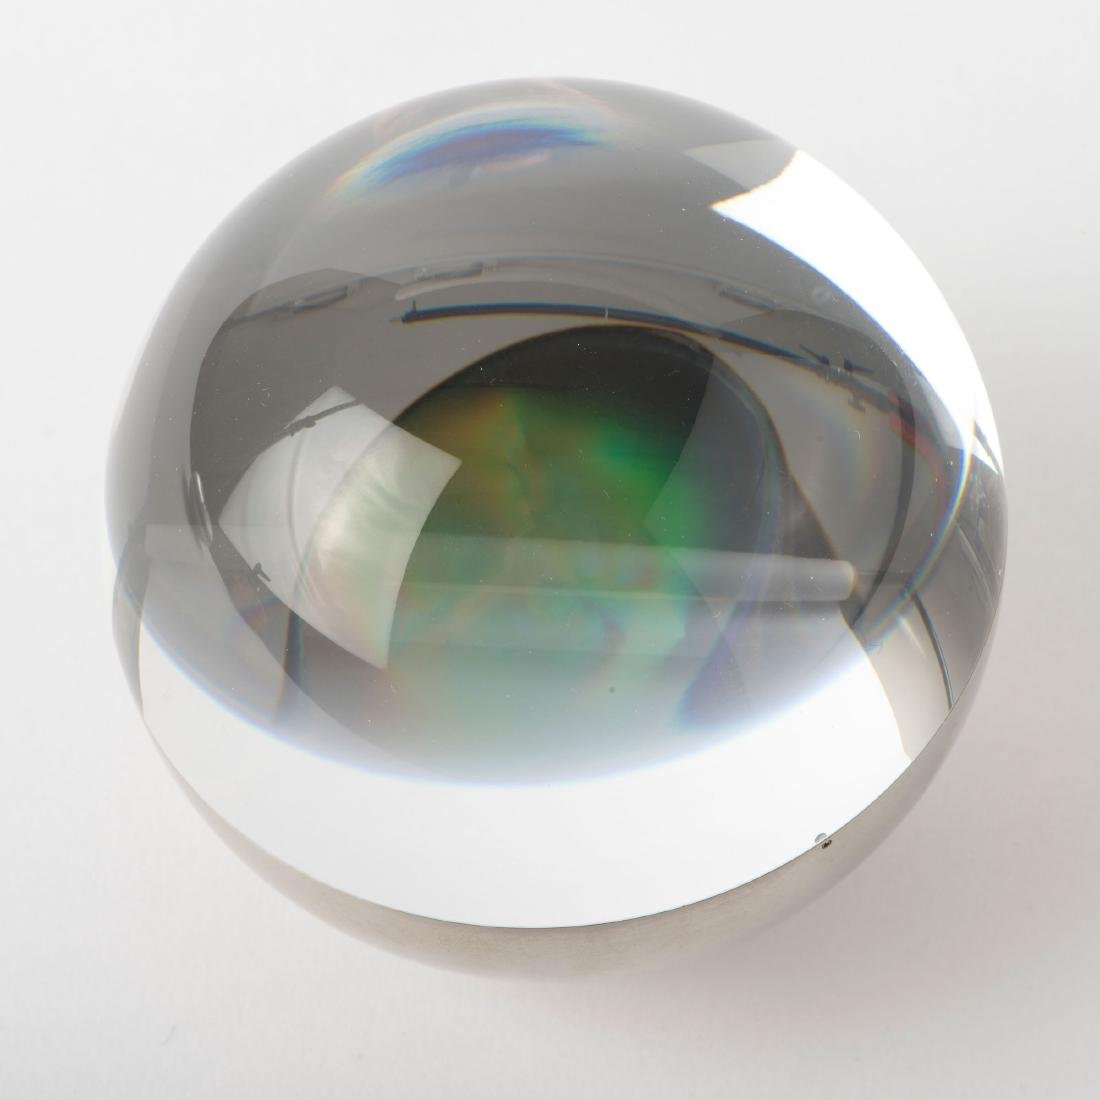 Kinetic object, 1993 - 3